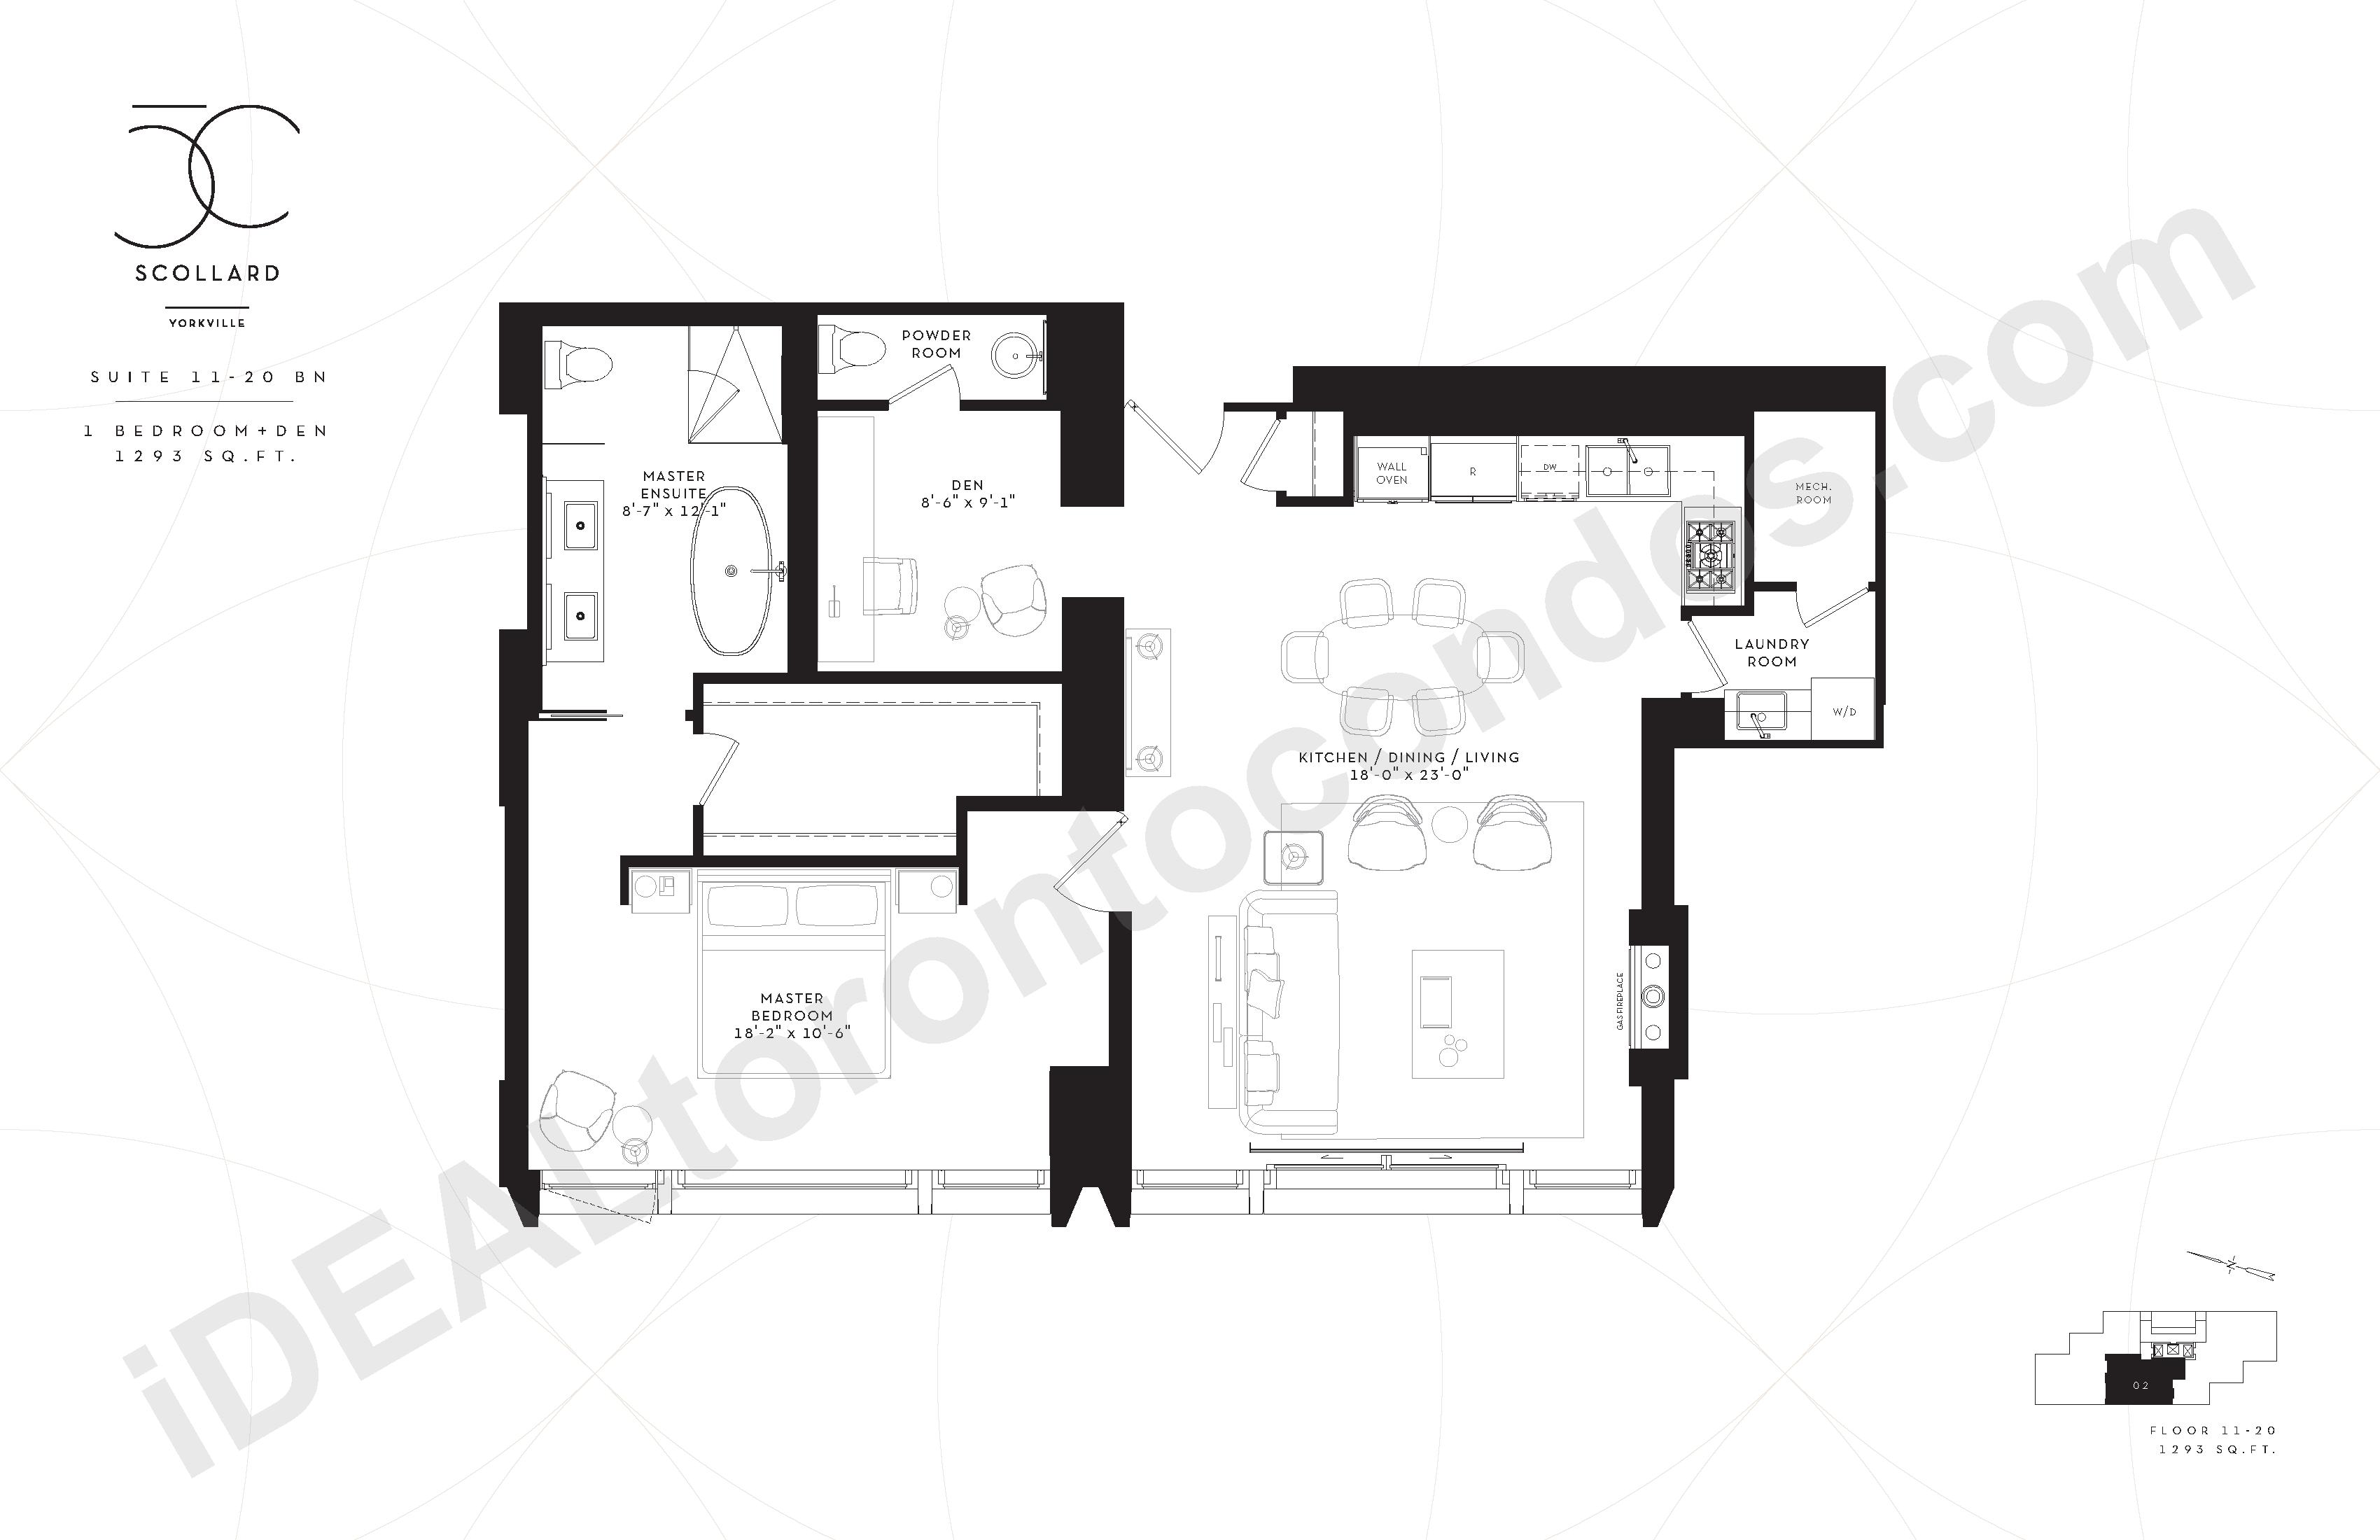 Suite 11-20 BN | 1 Bedroom + Den